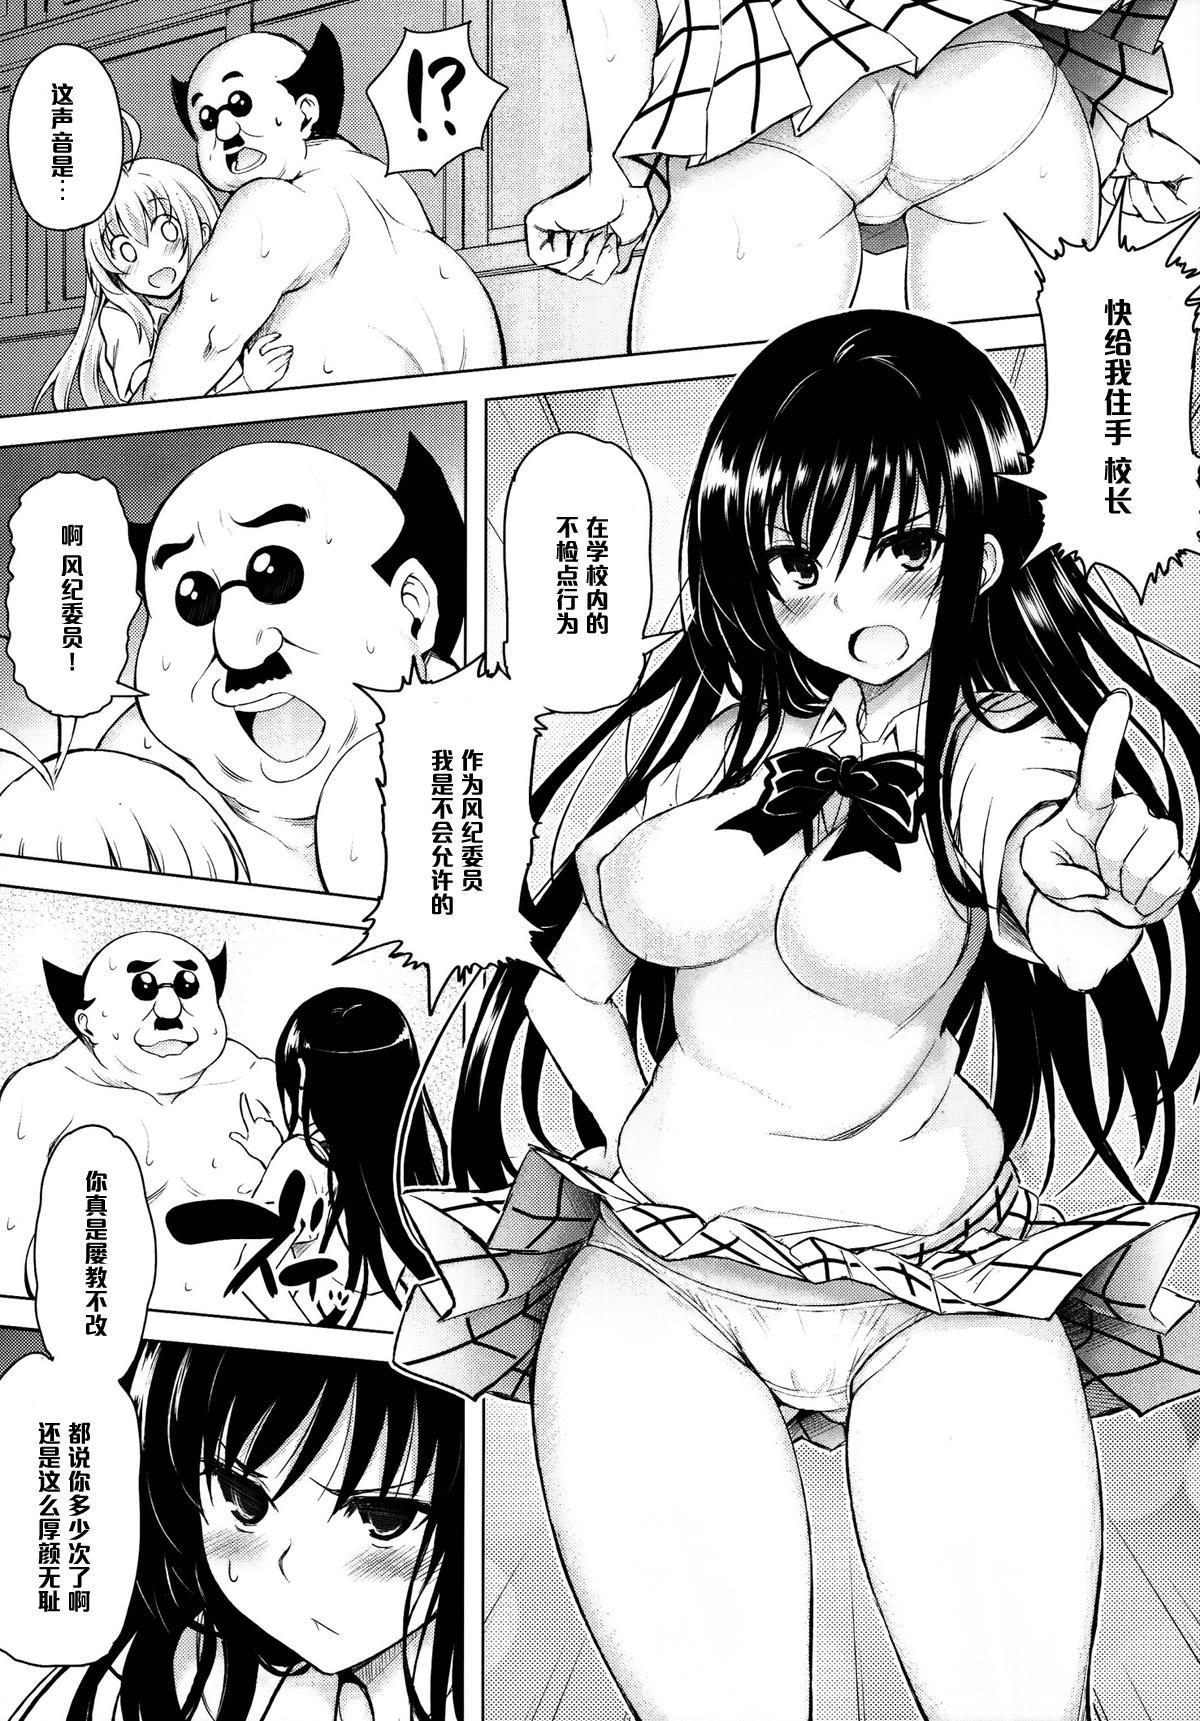 Kouchou no Harenchi o Tomeru tame ni Harenchi suru Kotegawa-san 3